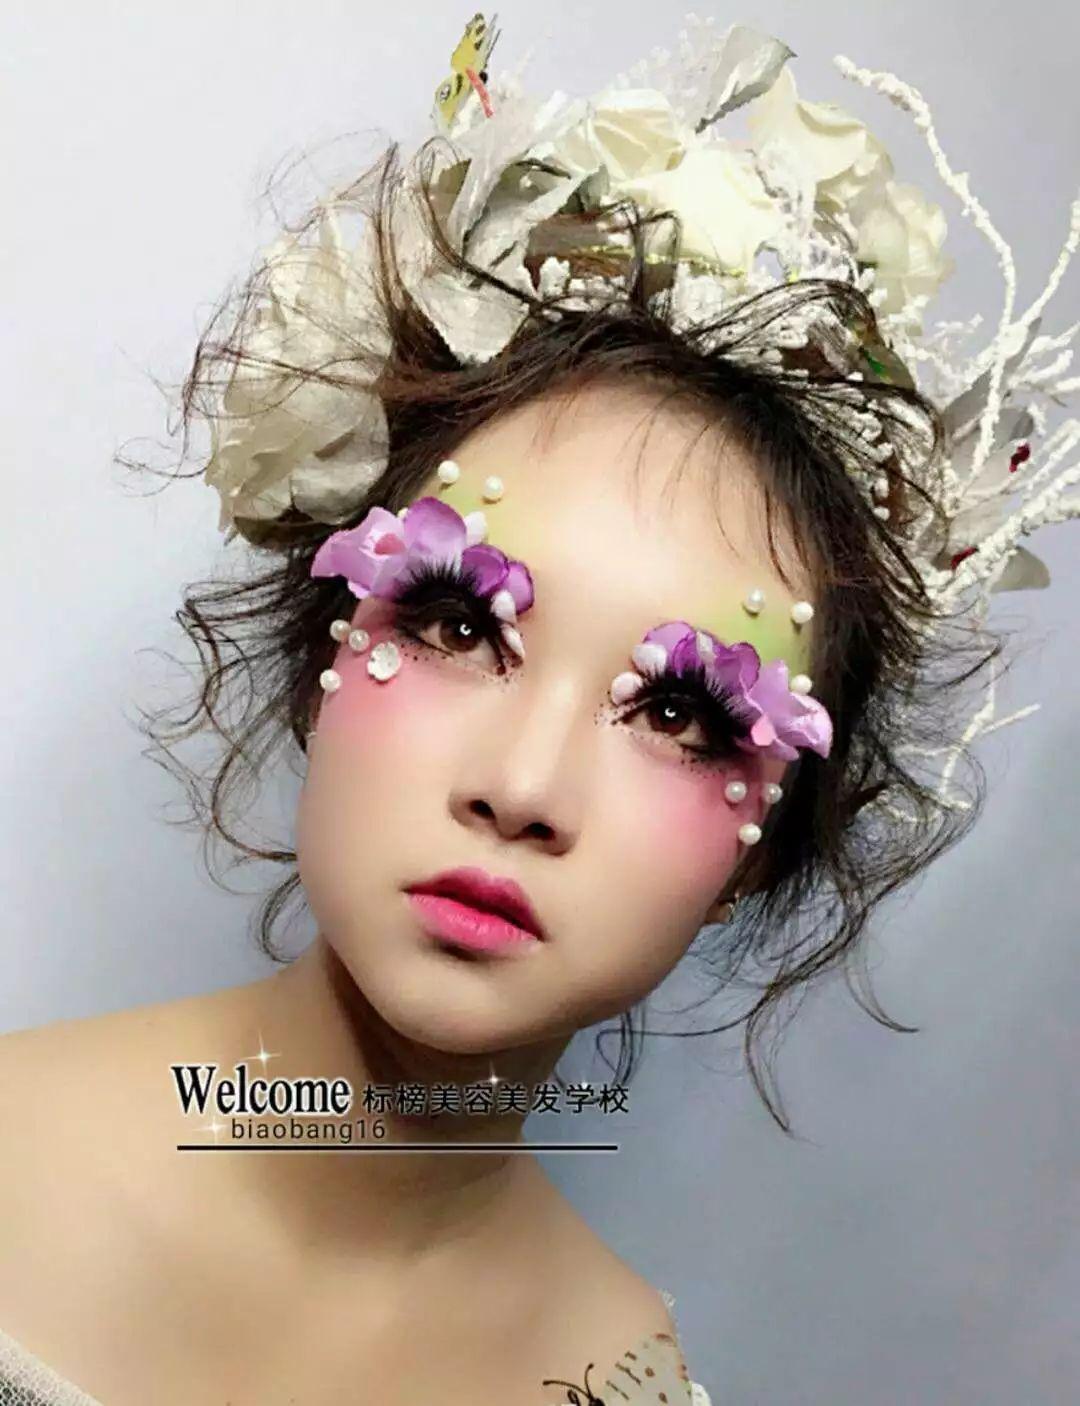 【标榜化妆作品】创意白纱新娘妆容造型图片